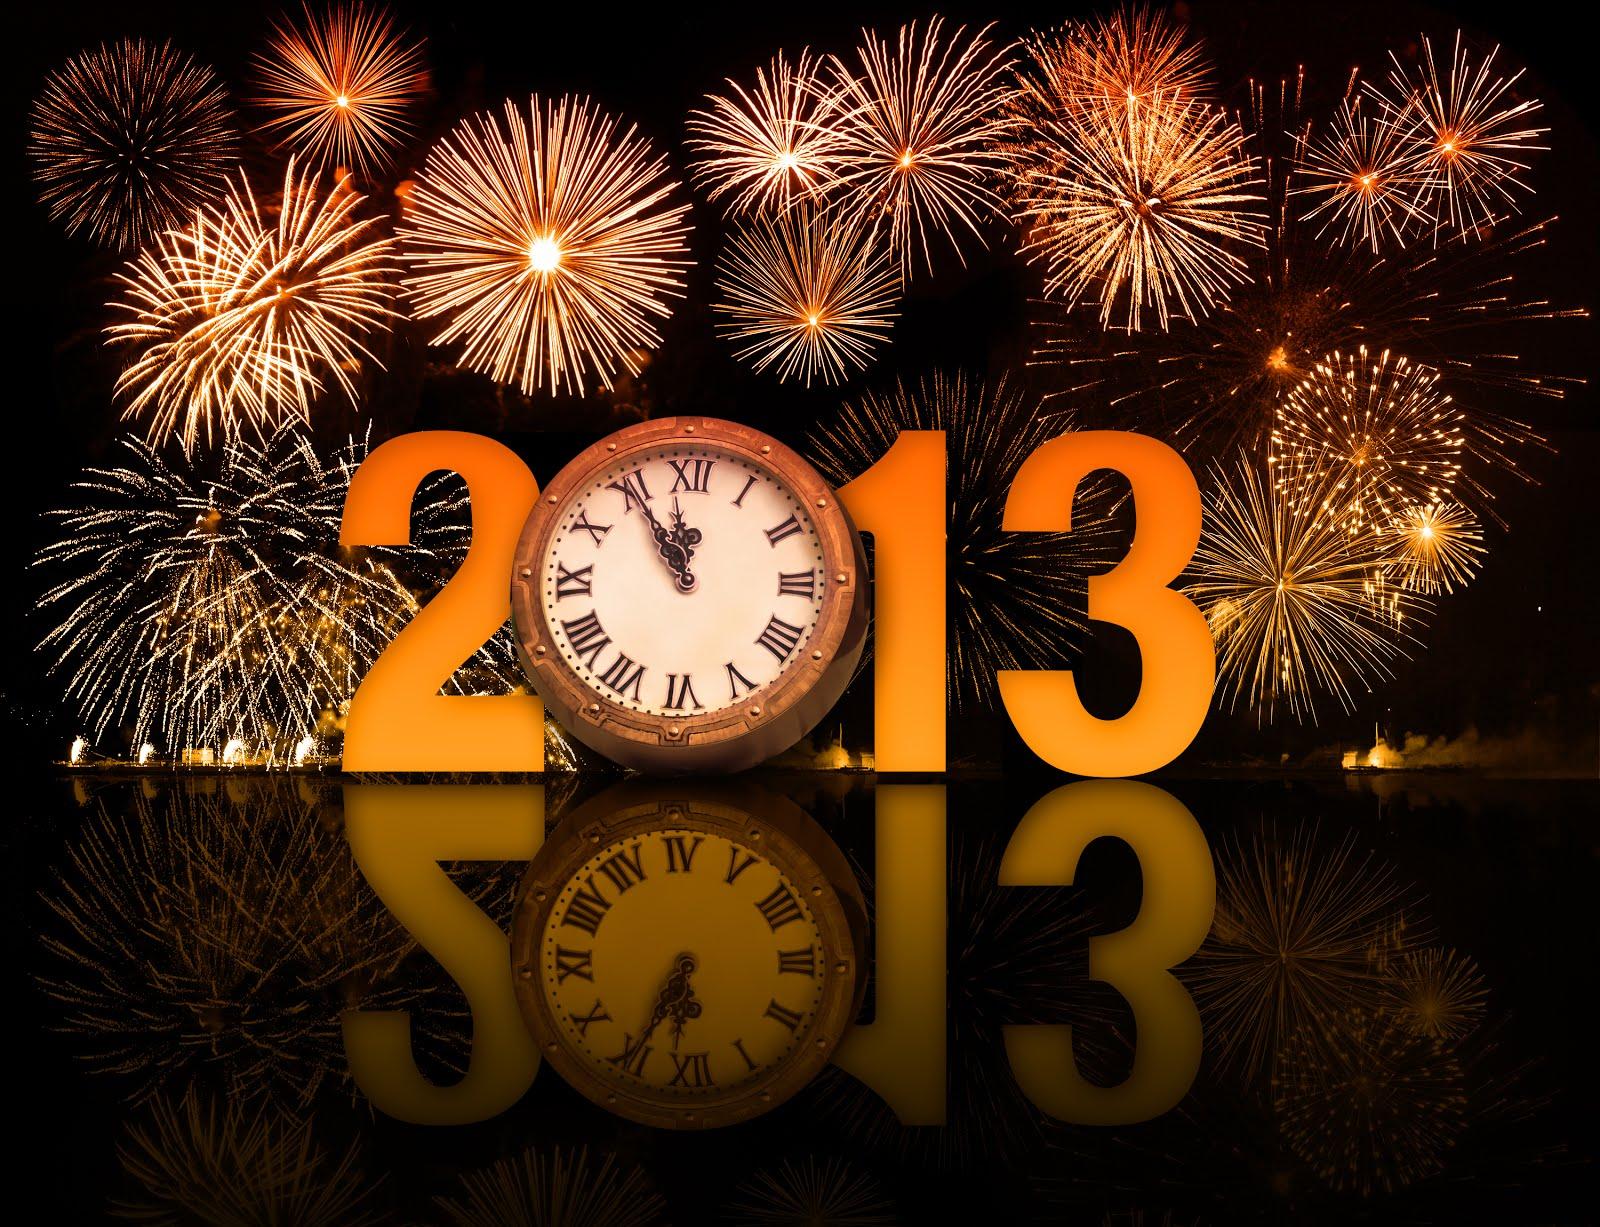 Imagenes De Feliz Año Nuevo 2014 | Frases De Feliz Año